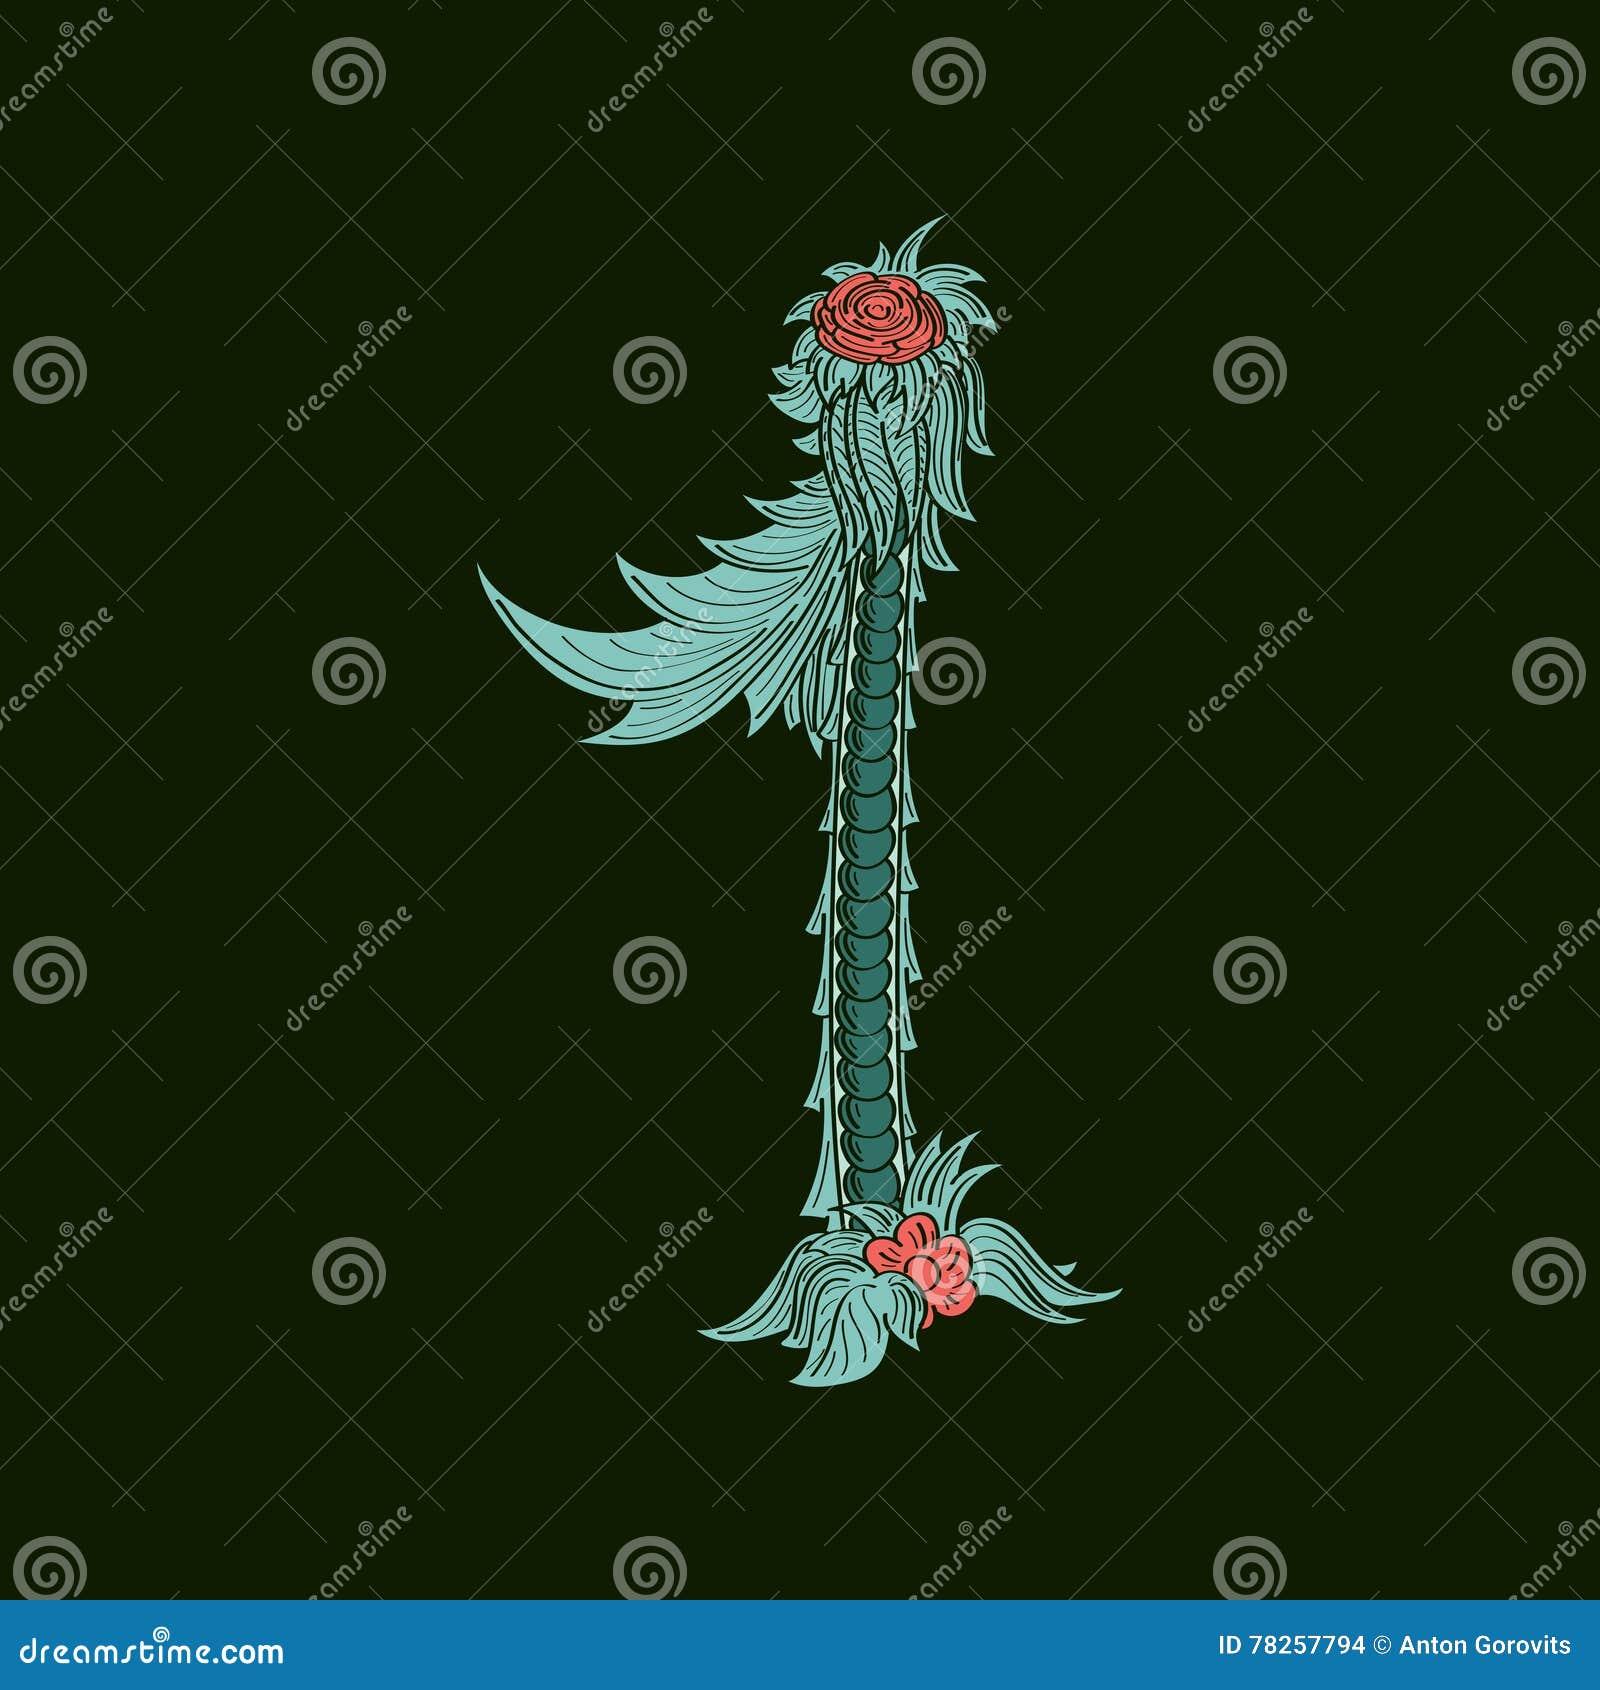 Αφηρημένος αριθμός 1 εικονίδιο λογότυπων στο μπλε τροπικό ύφος